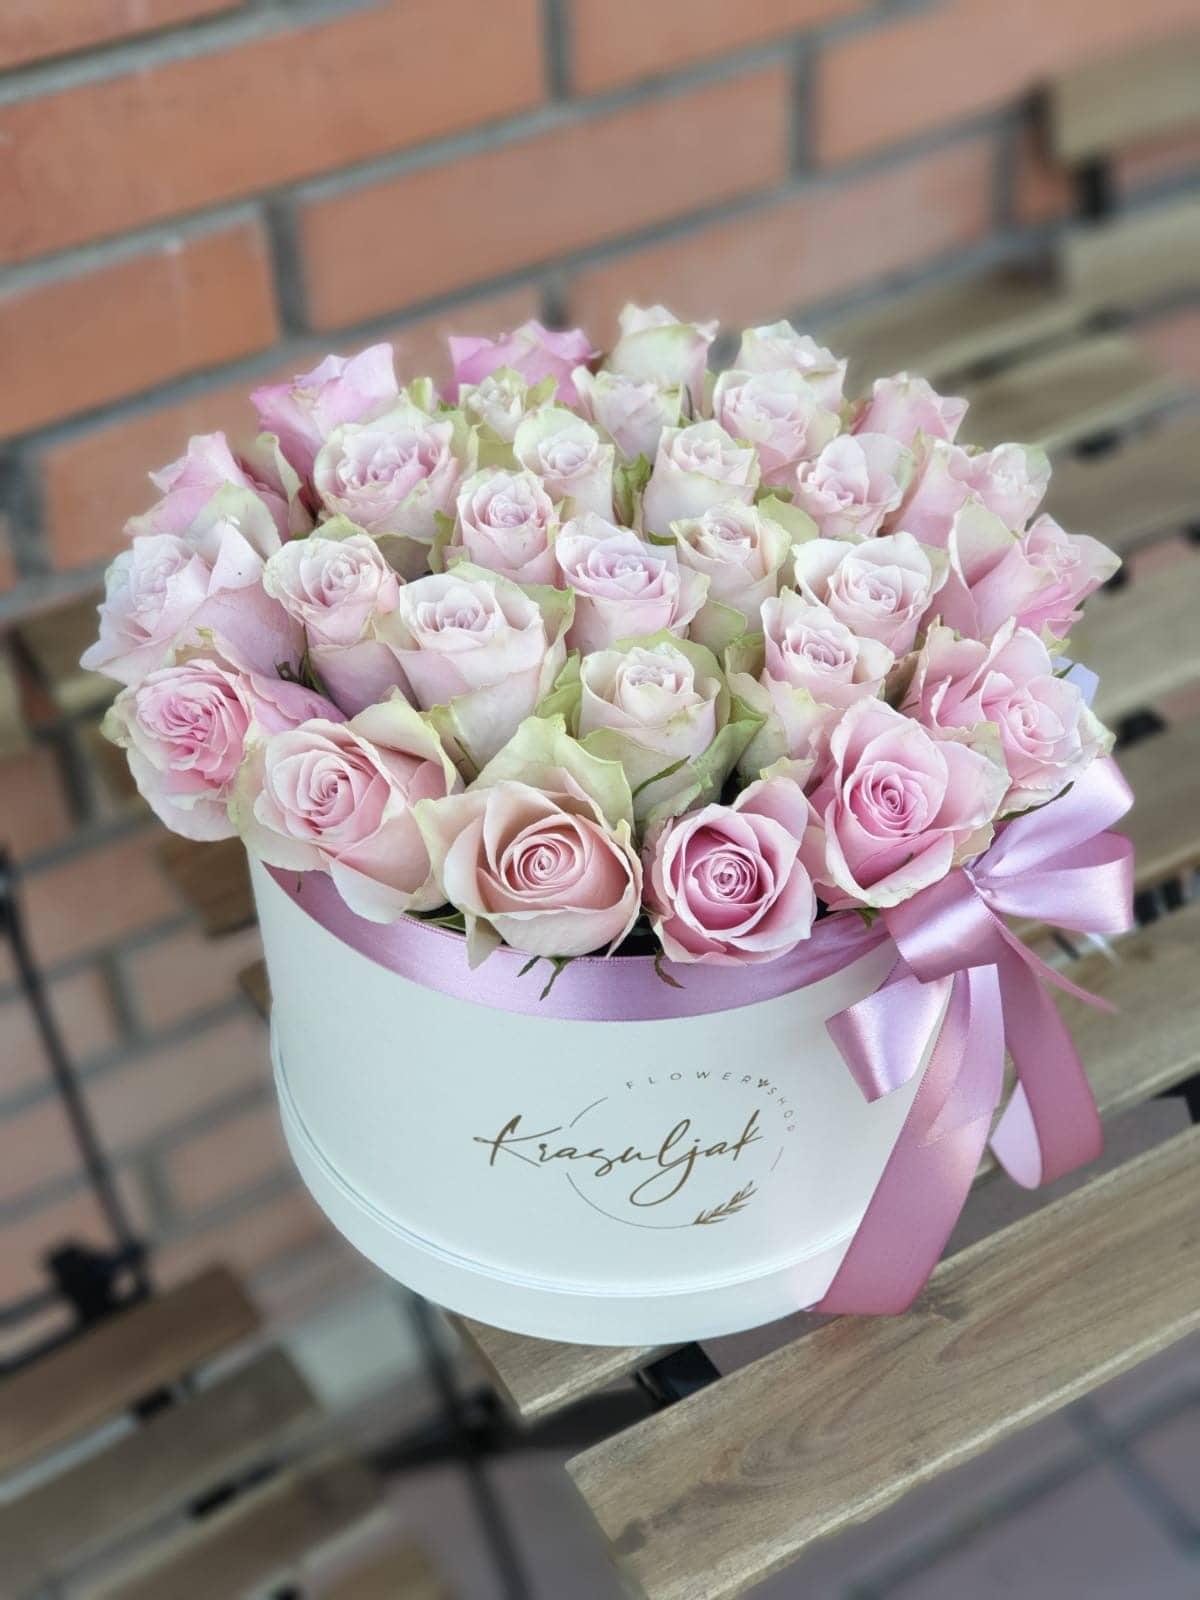 Bela kutija sa ruzama nezno roze boje